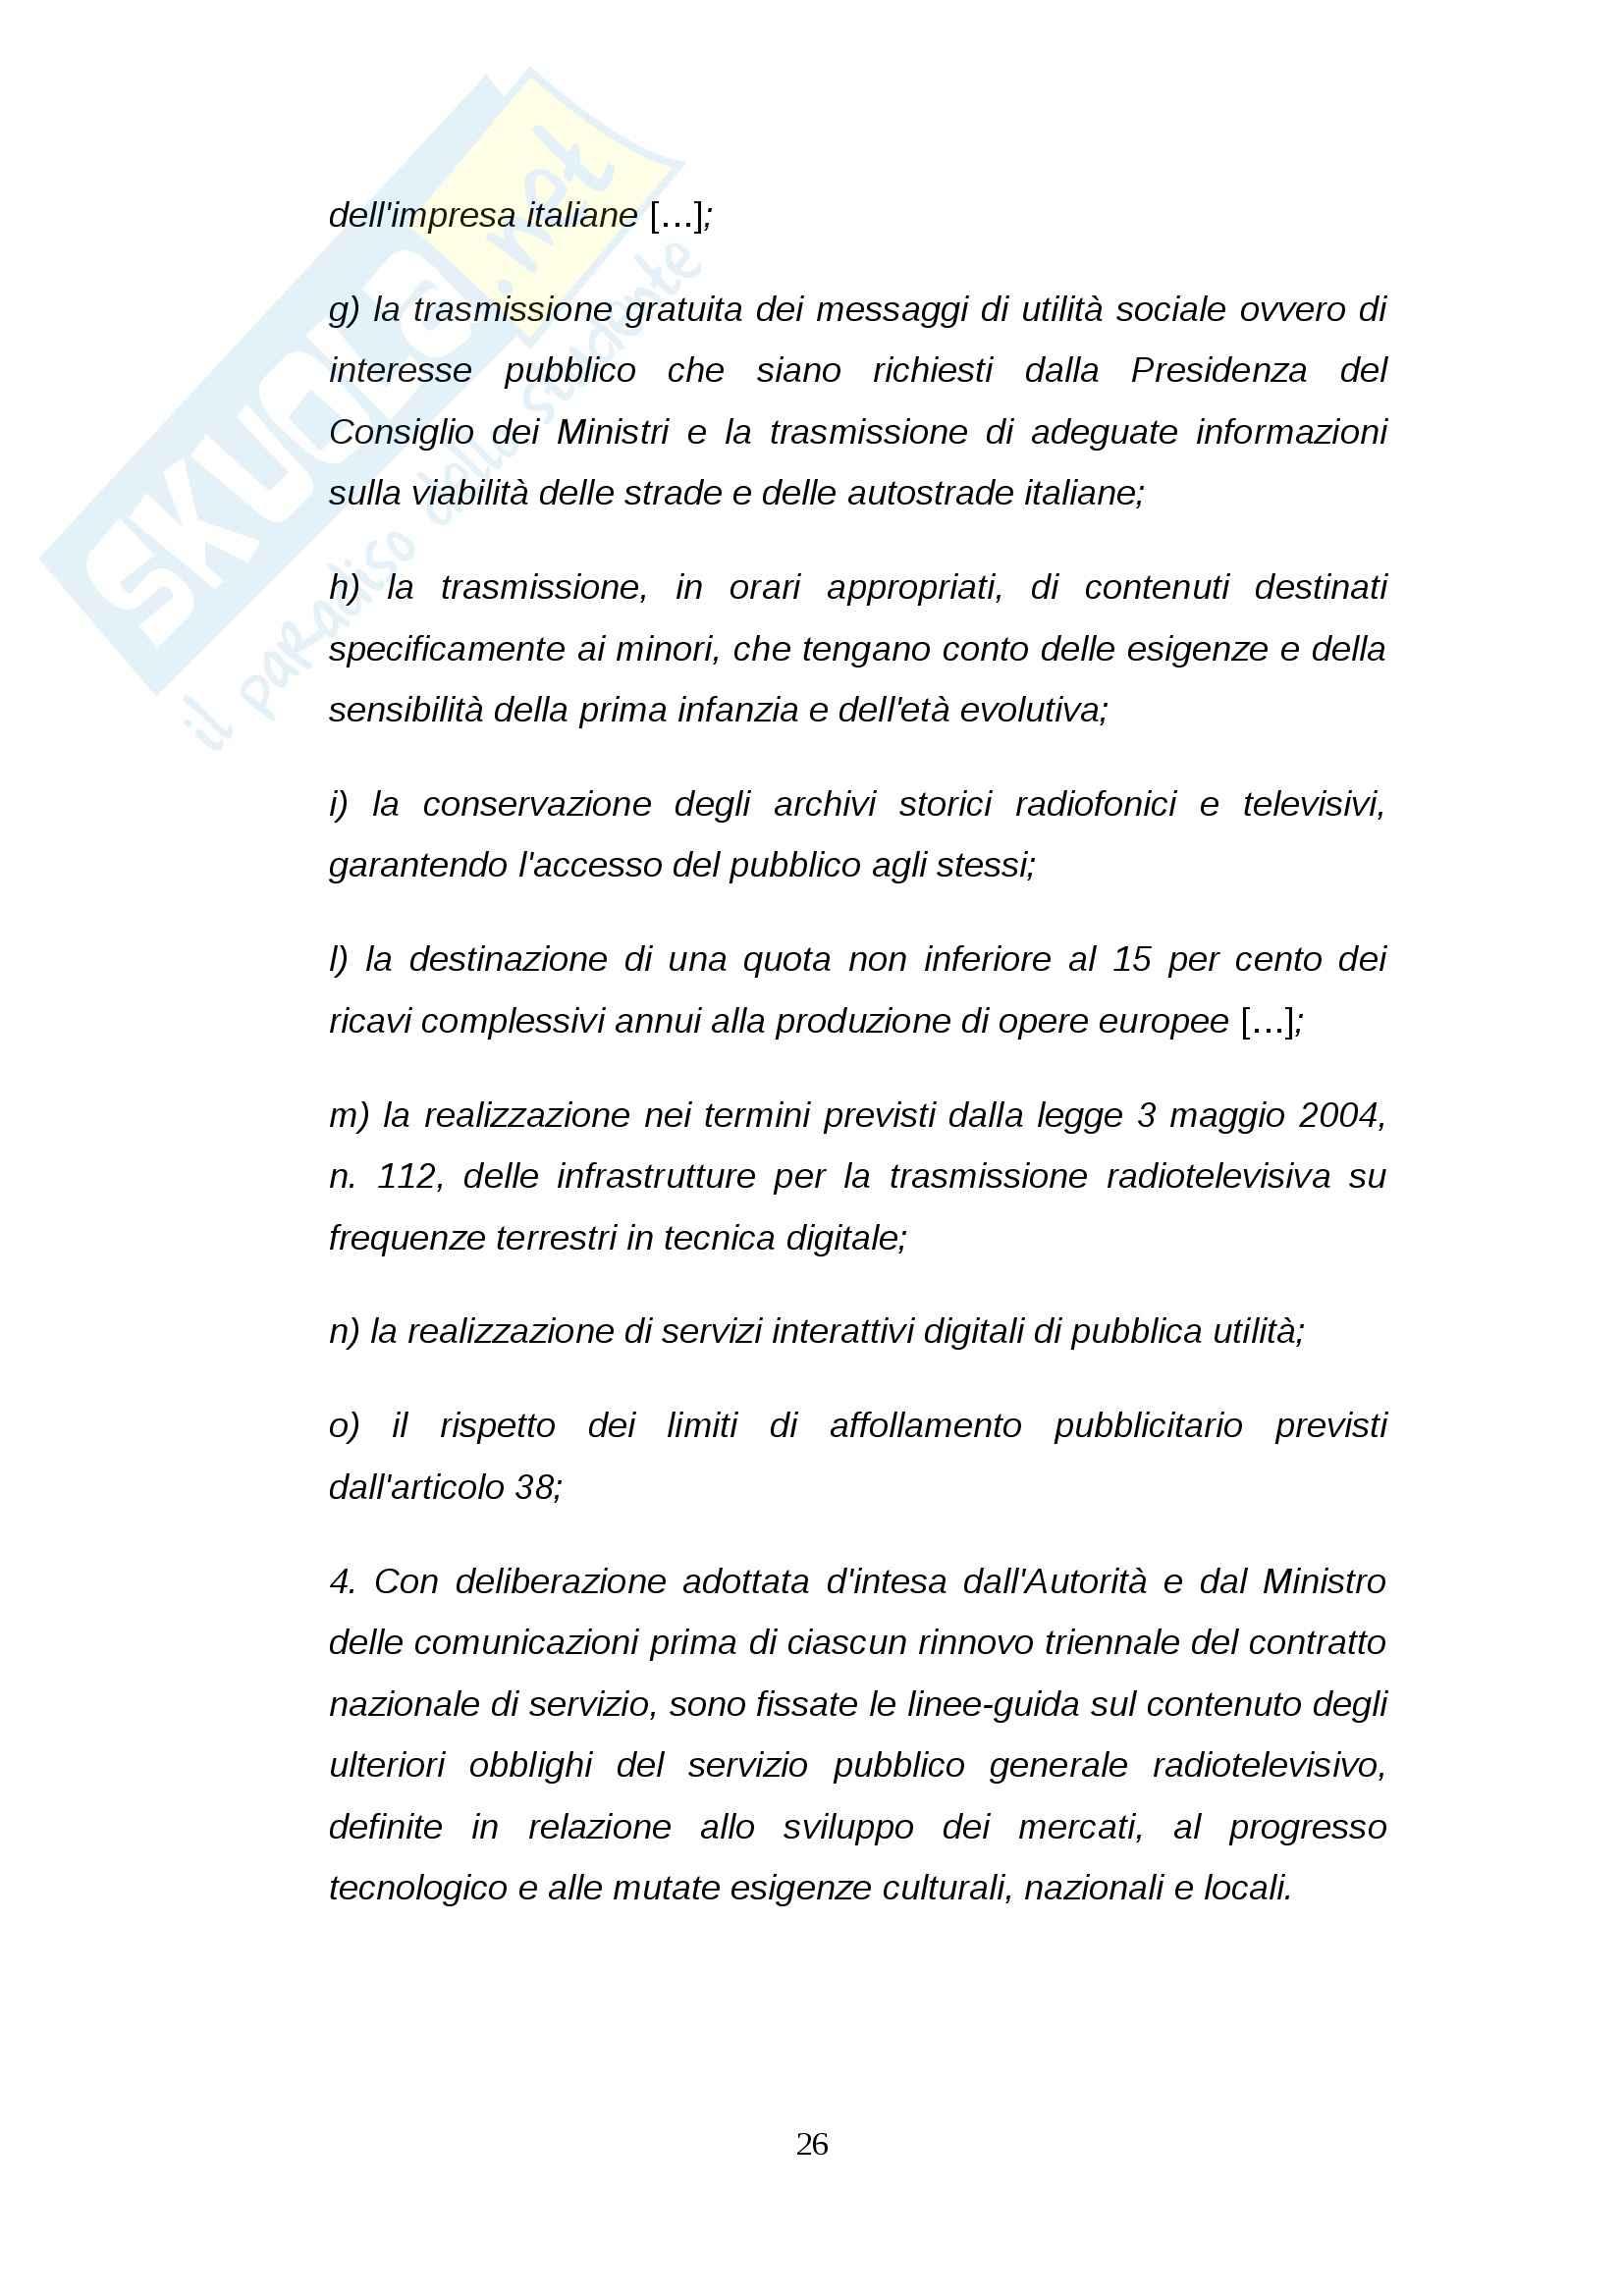 Tesi: Rinnovo della concessione pubblica Stato-RAI: regole e dibattito Pag. 26